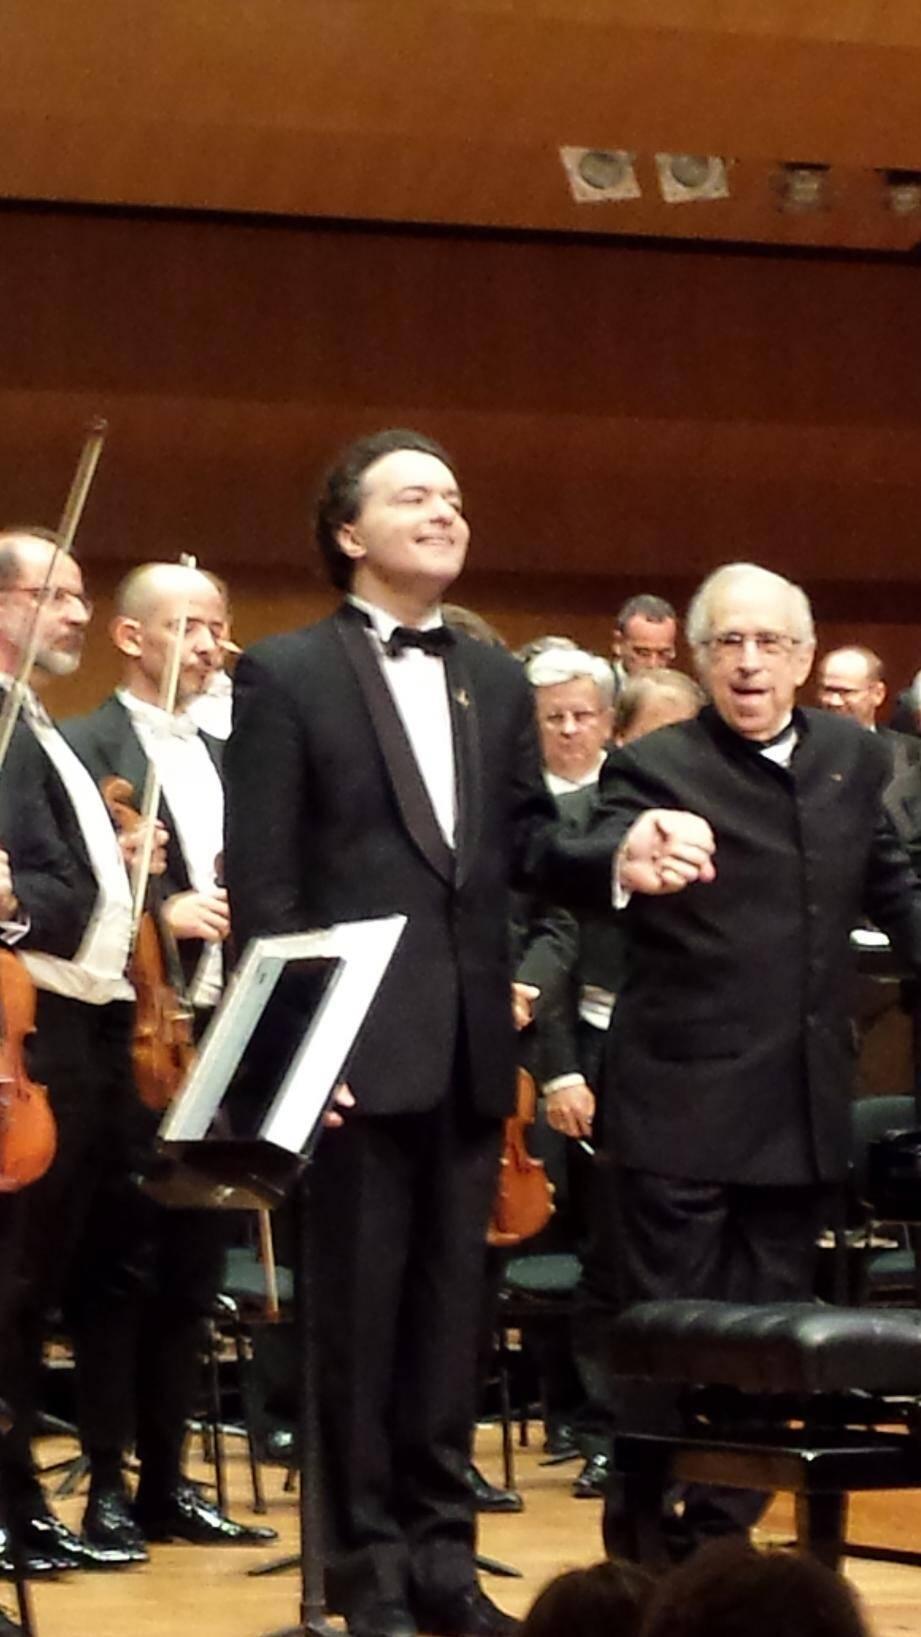 Evgeny Kissin avec, à droite, le chef d'orchestre Lawrence Foster au moment des saluts.